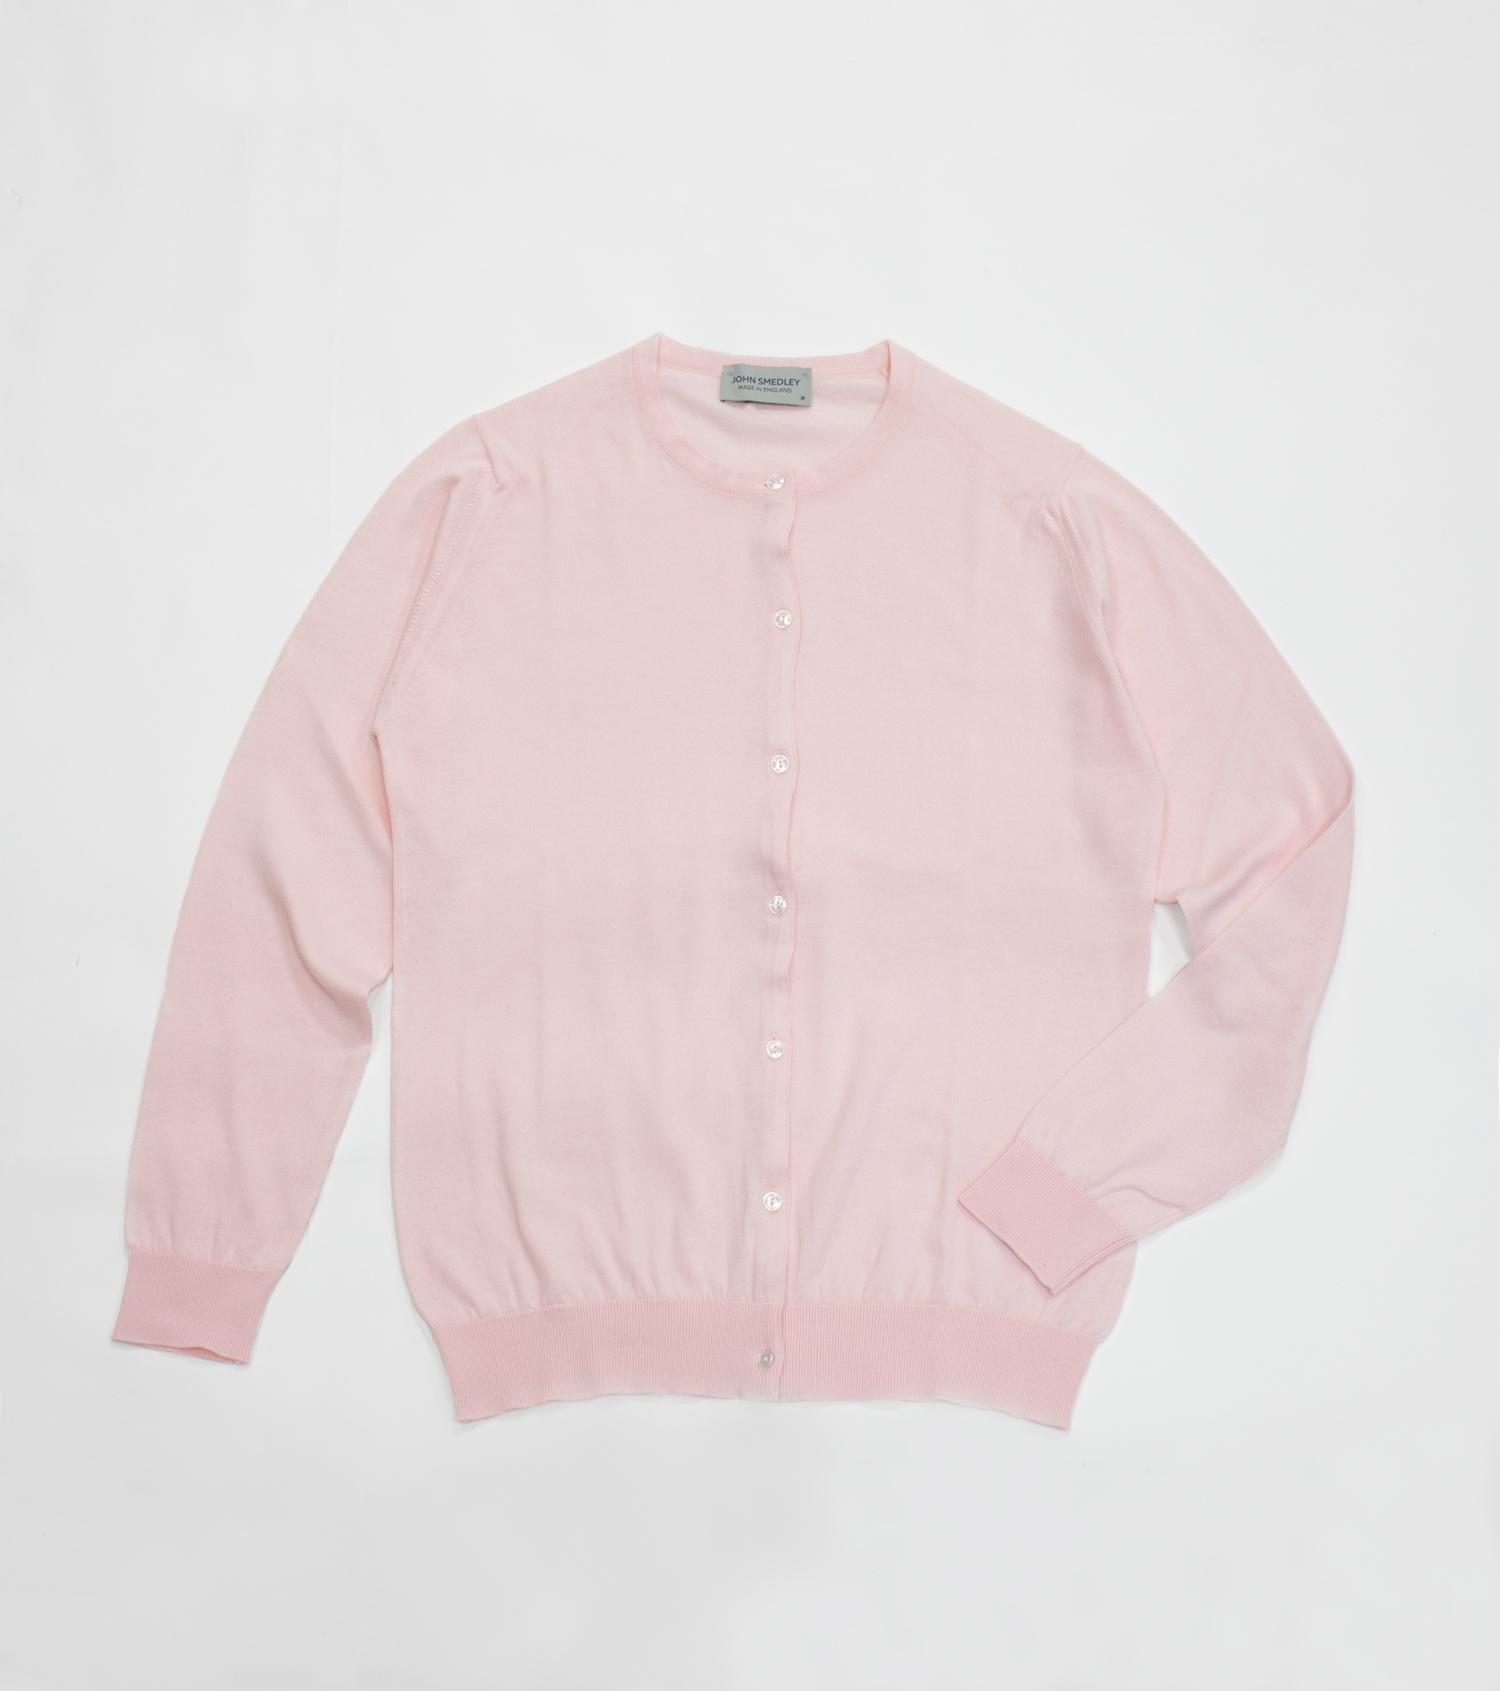 ジョンスメドレーカーディガンCATANIAドレスシャツピンク